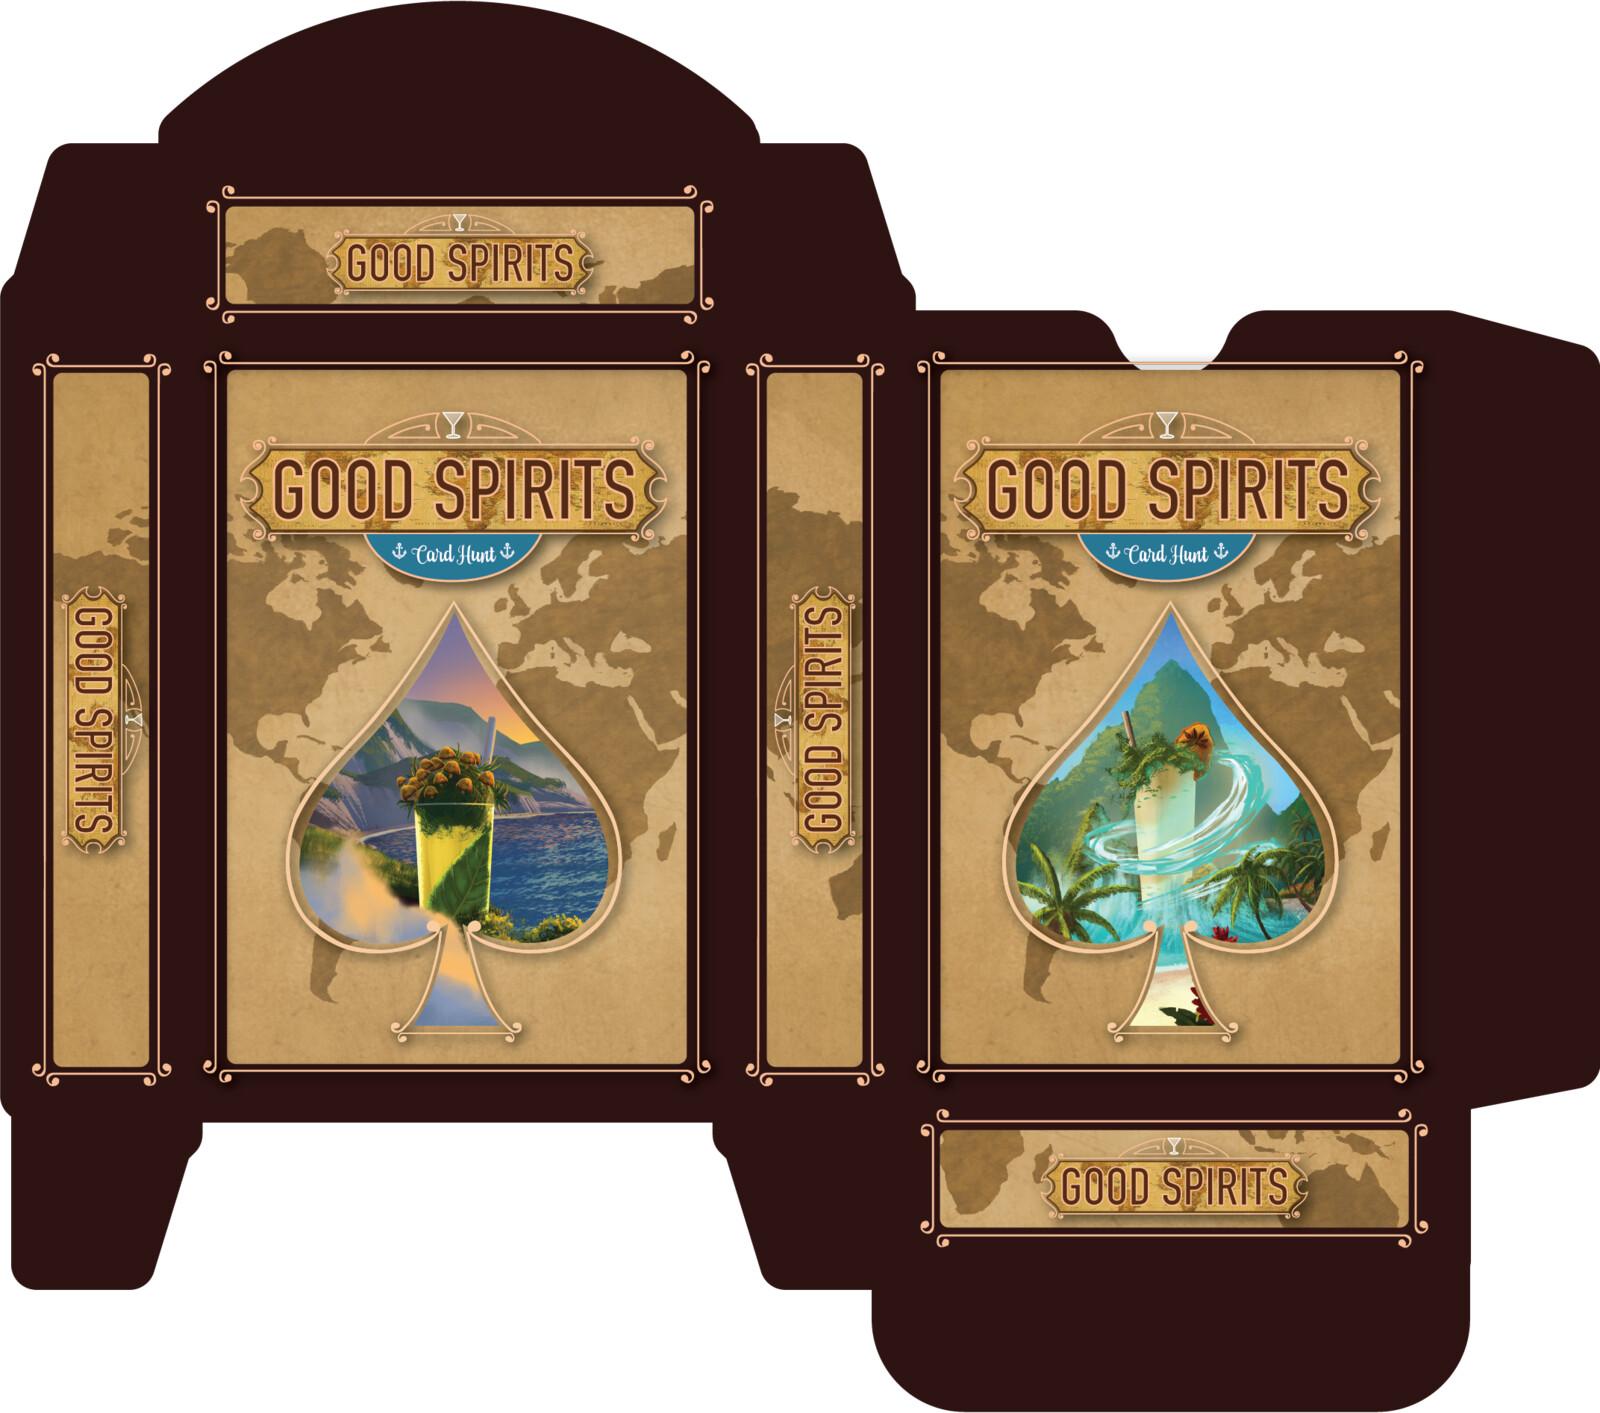 Tuck box design for poker card set.